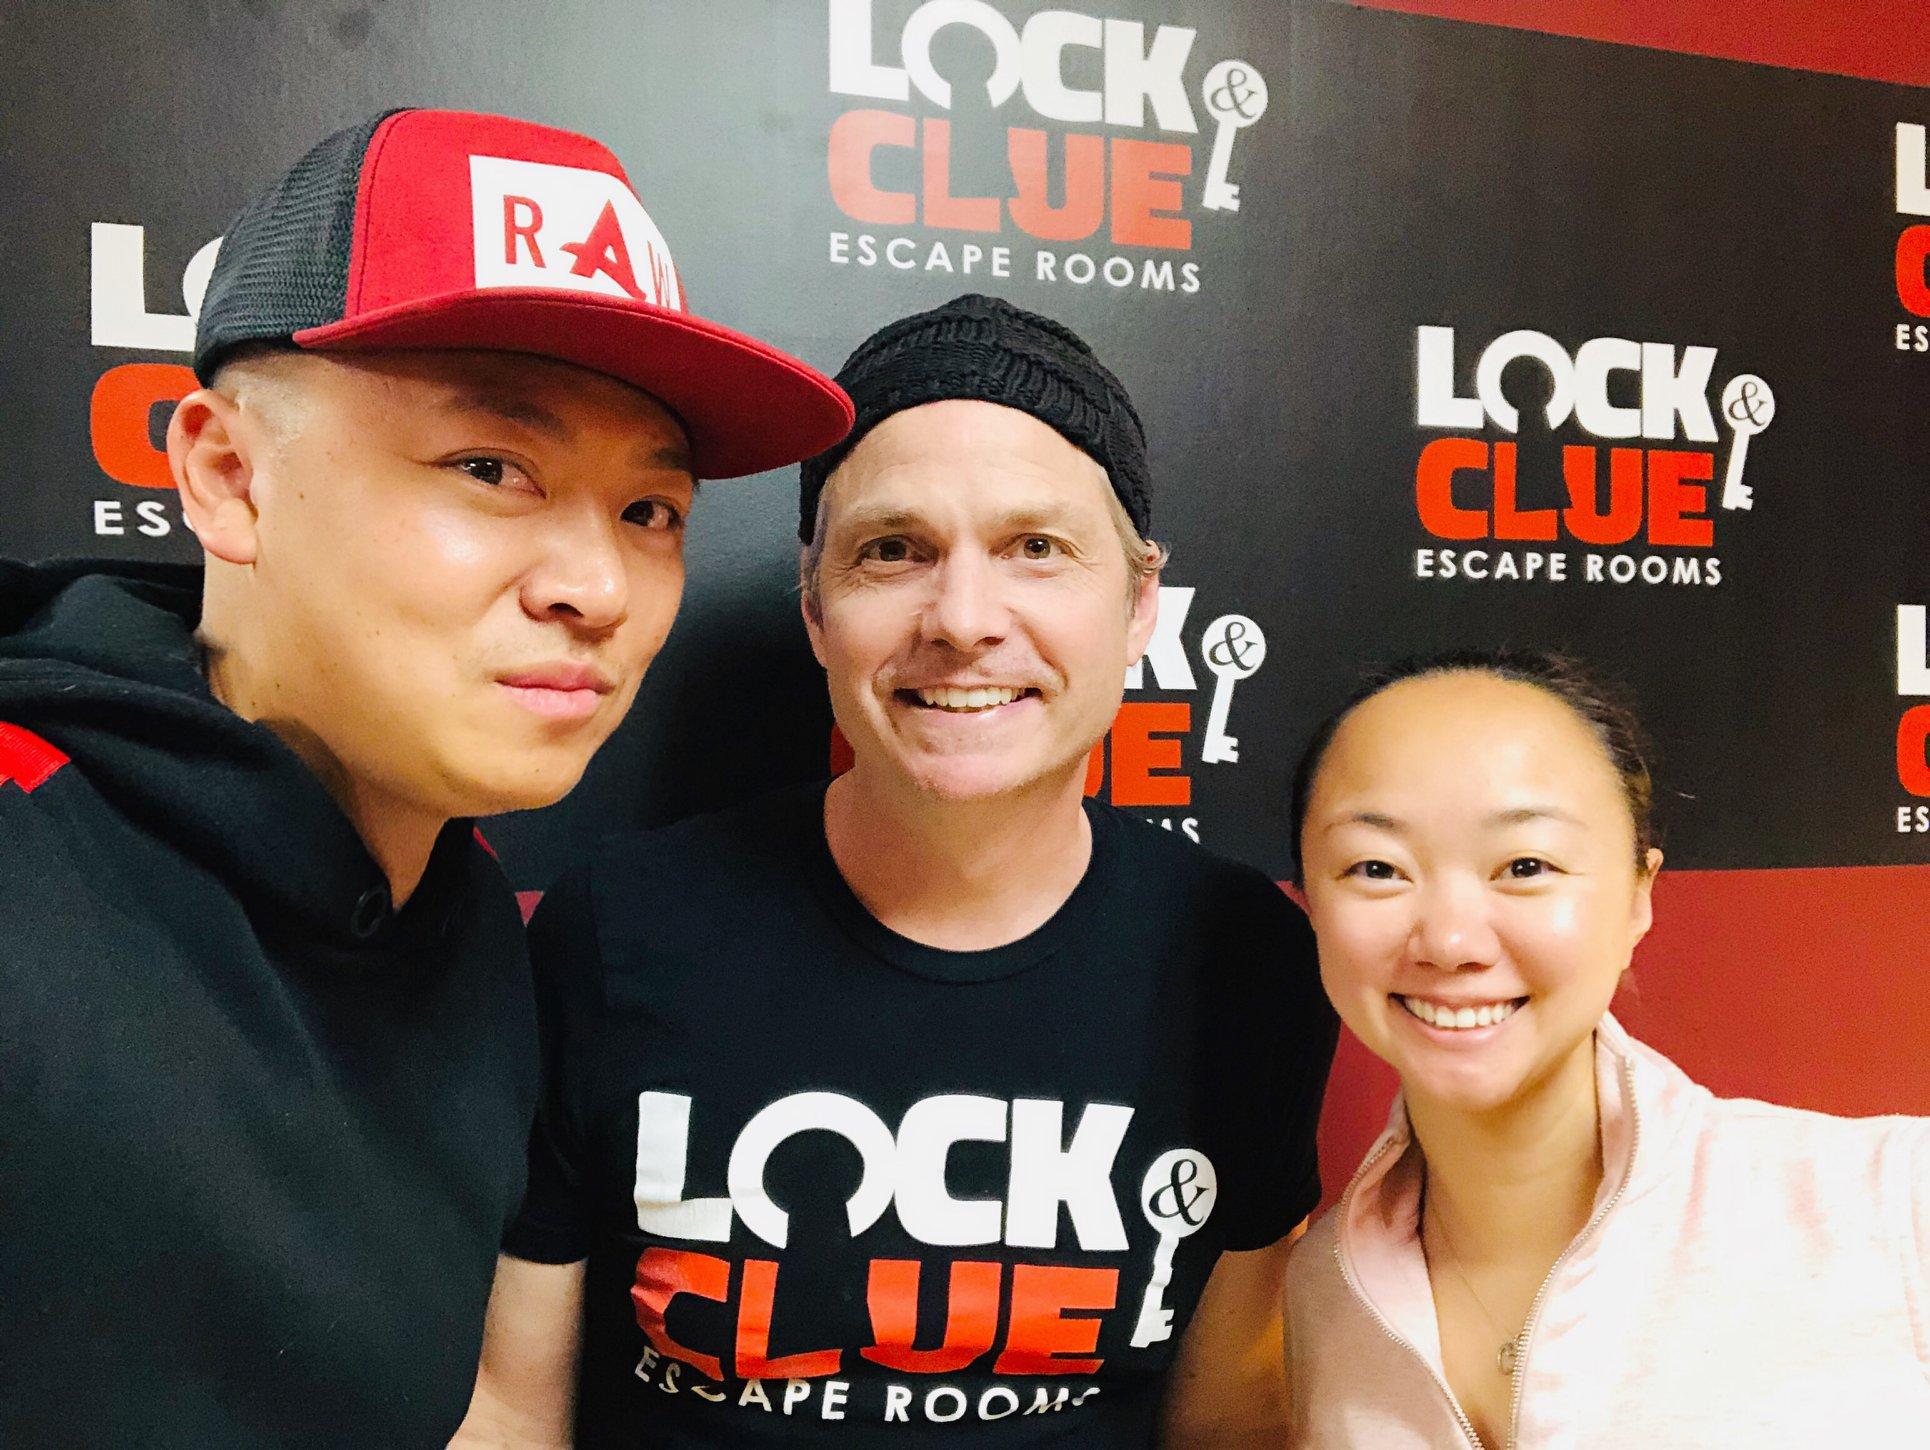 Lock & Clue Escape Rooms